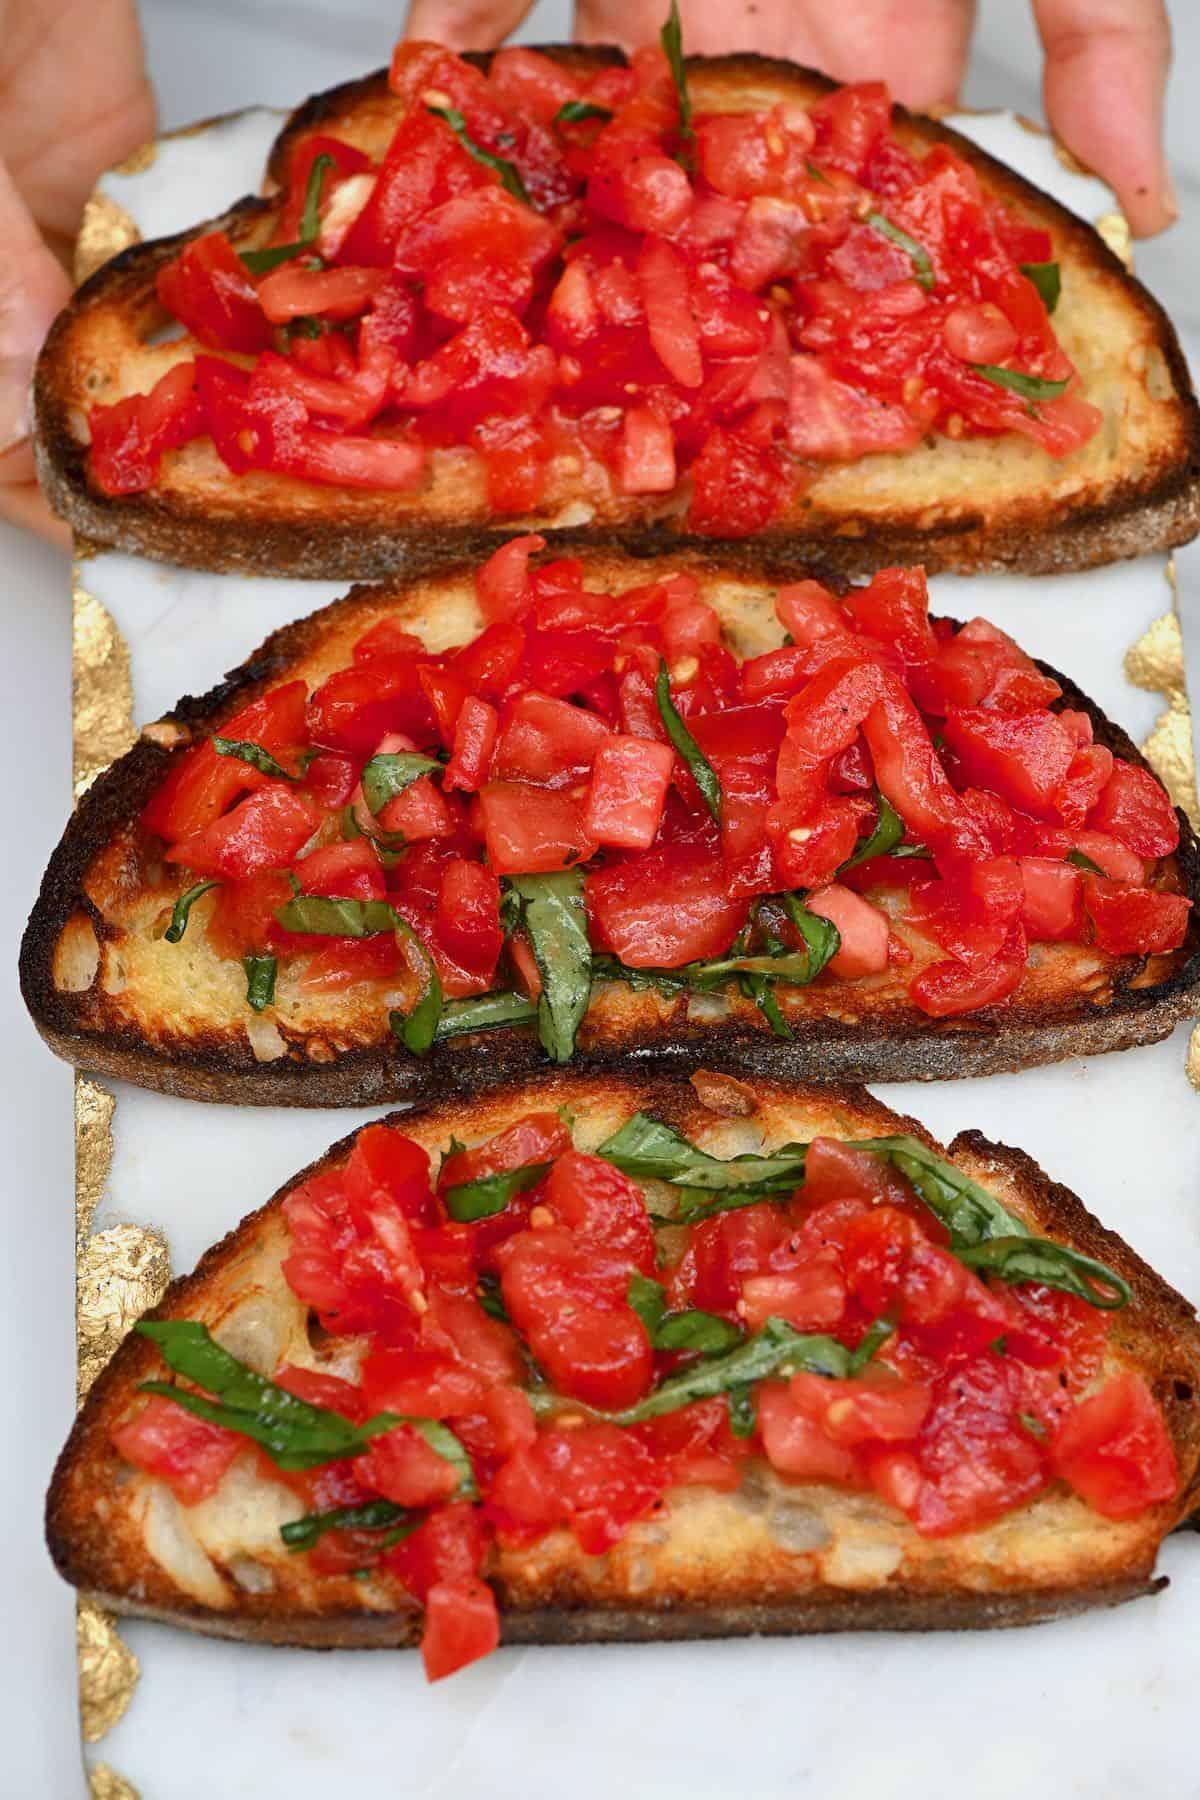 Three tomato bruschetta with basil